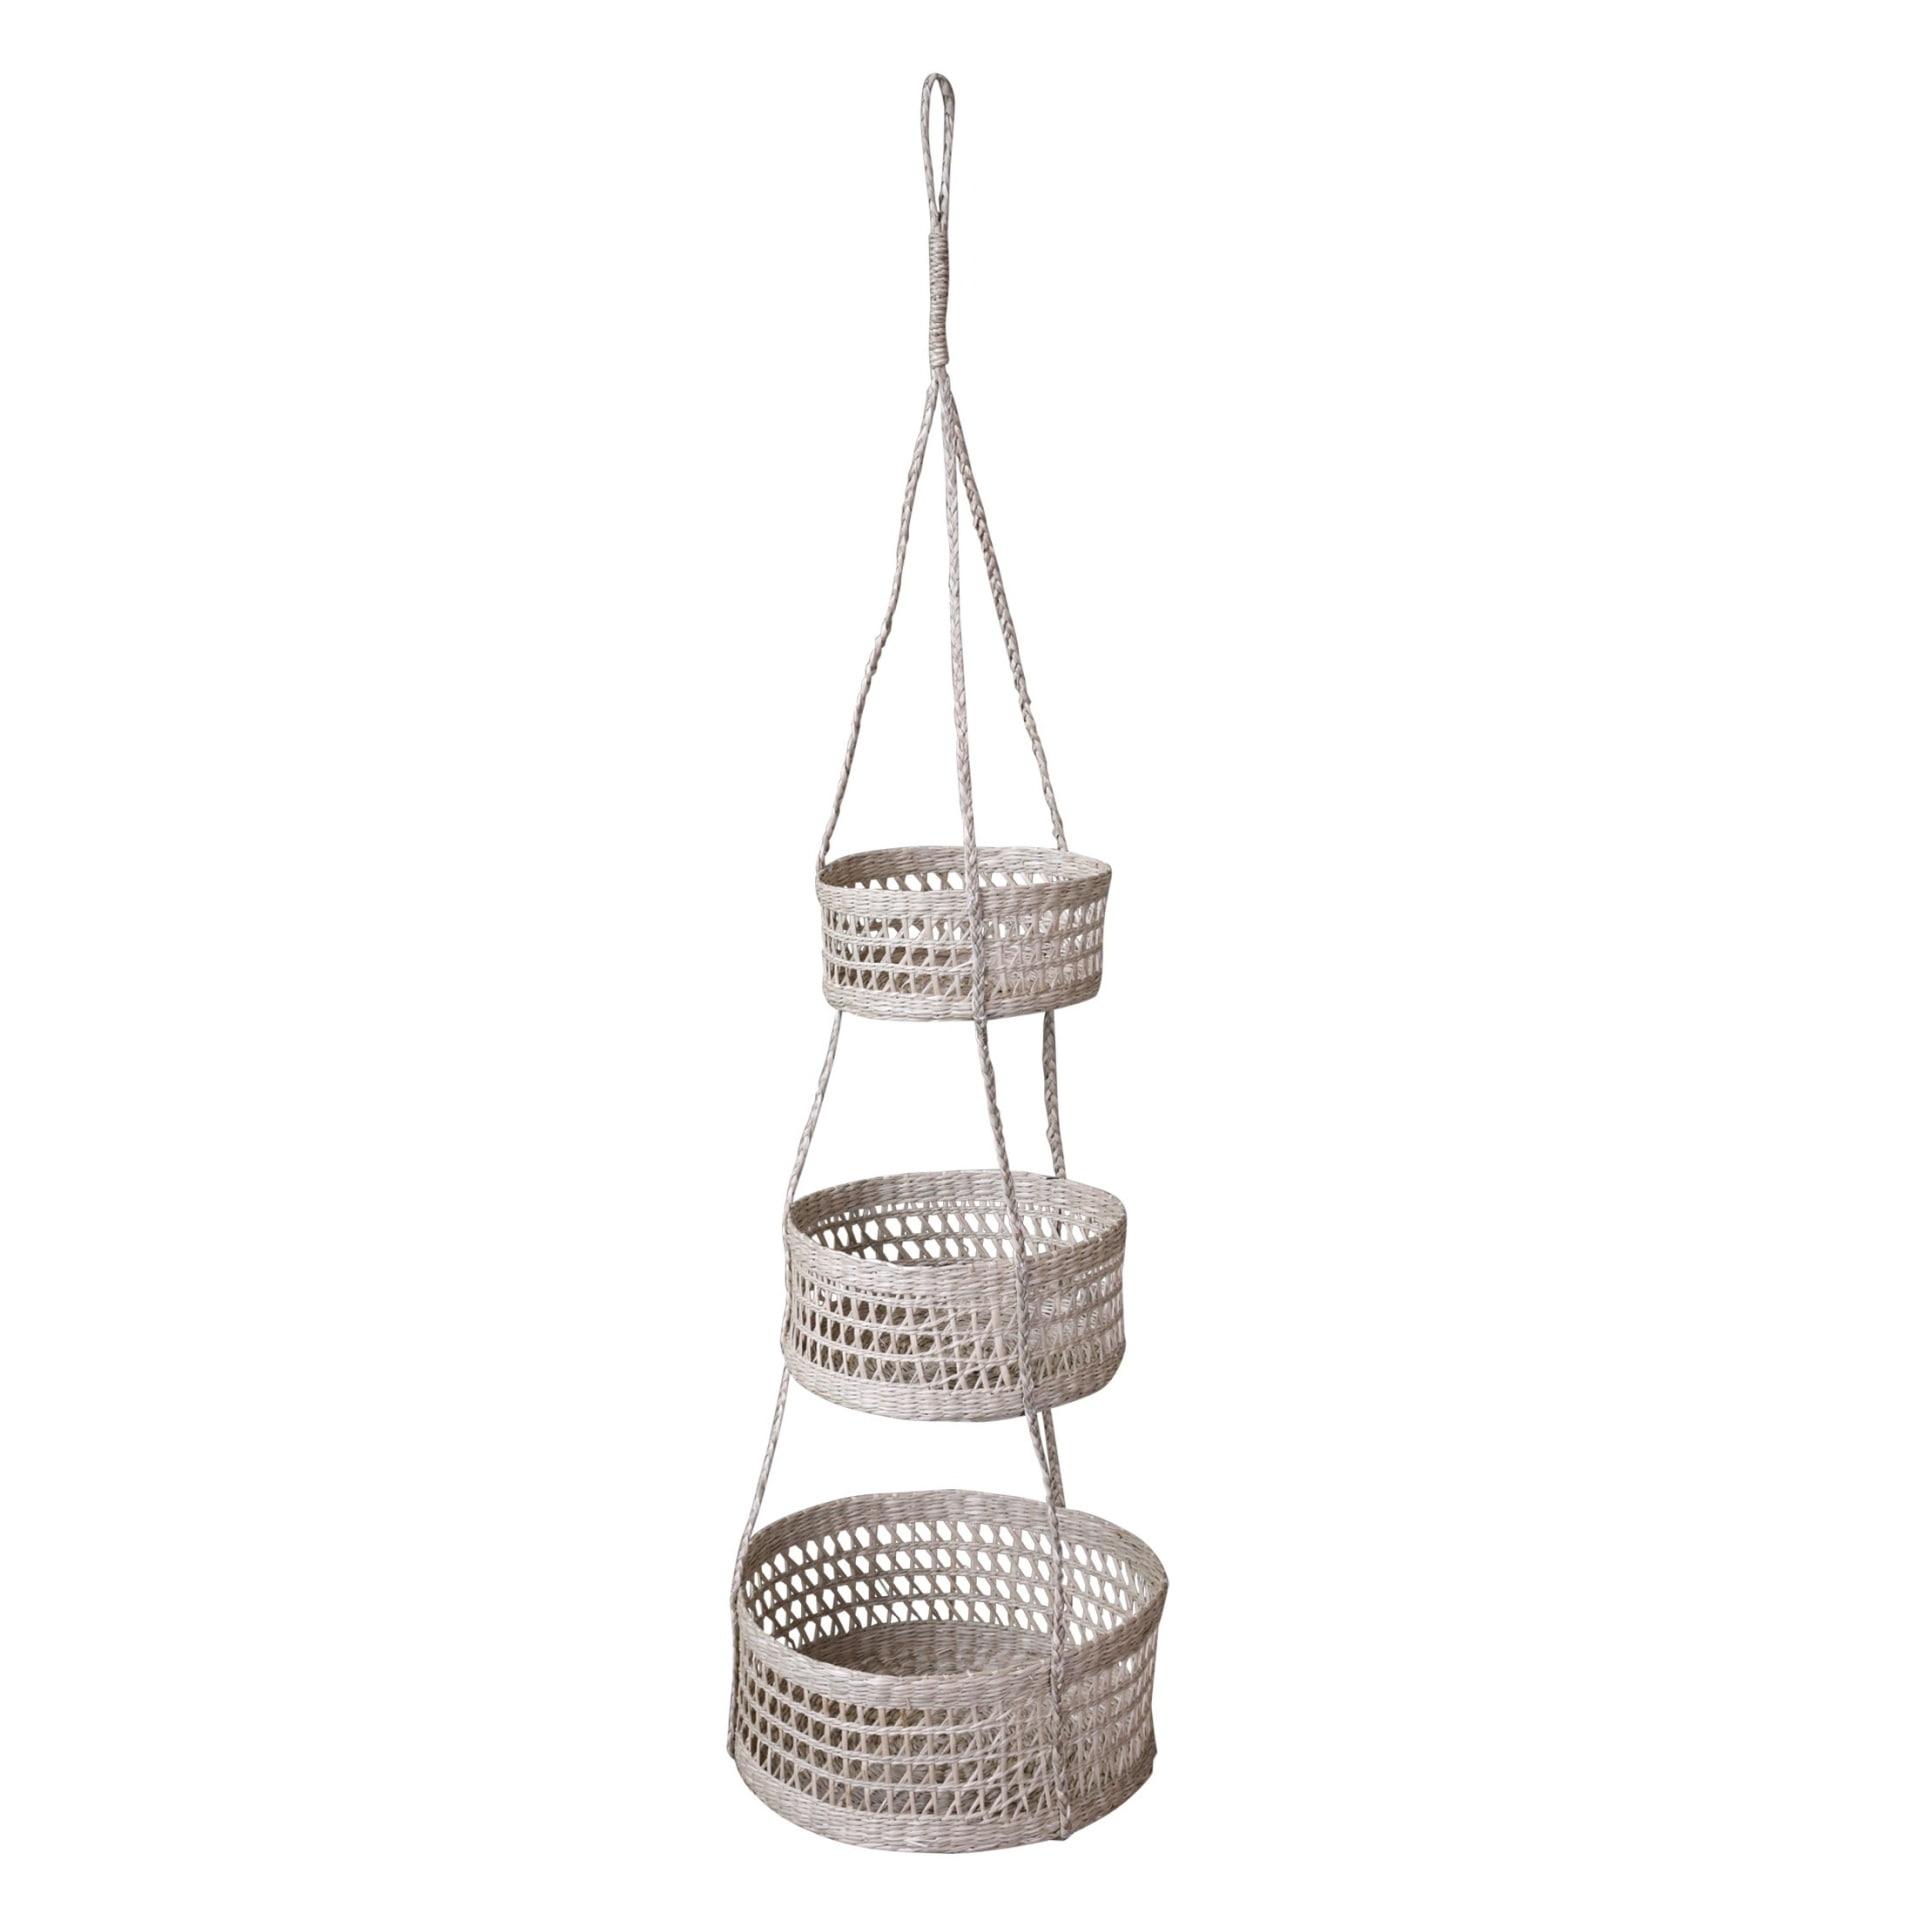 Chic Antique Závěsný set košíků Seagrass, přírodní barva